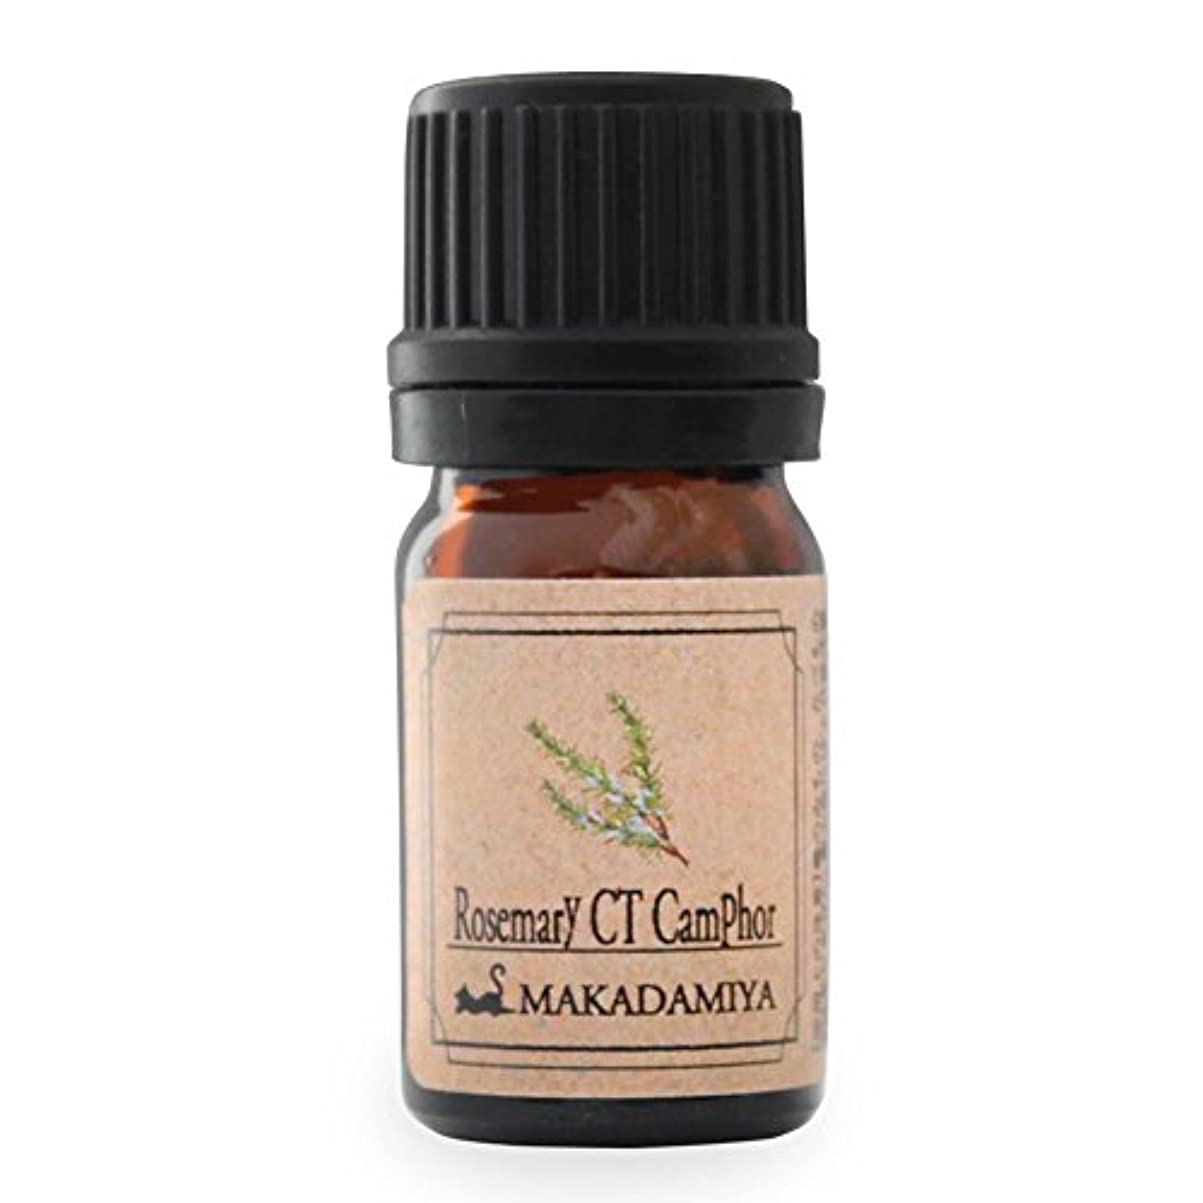 受け入れるエスカレーター赤ローズマリーCTカンファー5ml 天然100%植物性 エッセンシャルオイル(精油) アロマオイル アロママッサージ aroma Rosemary